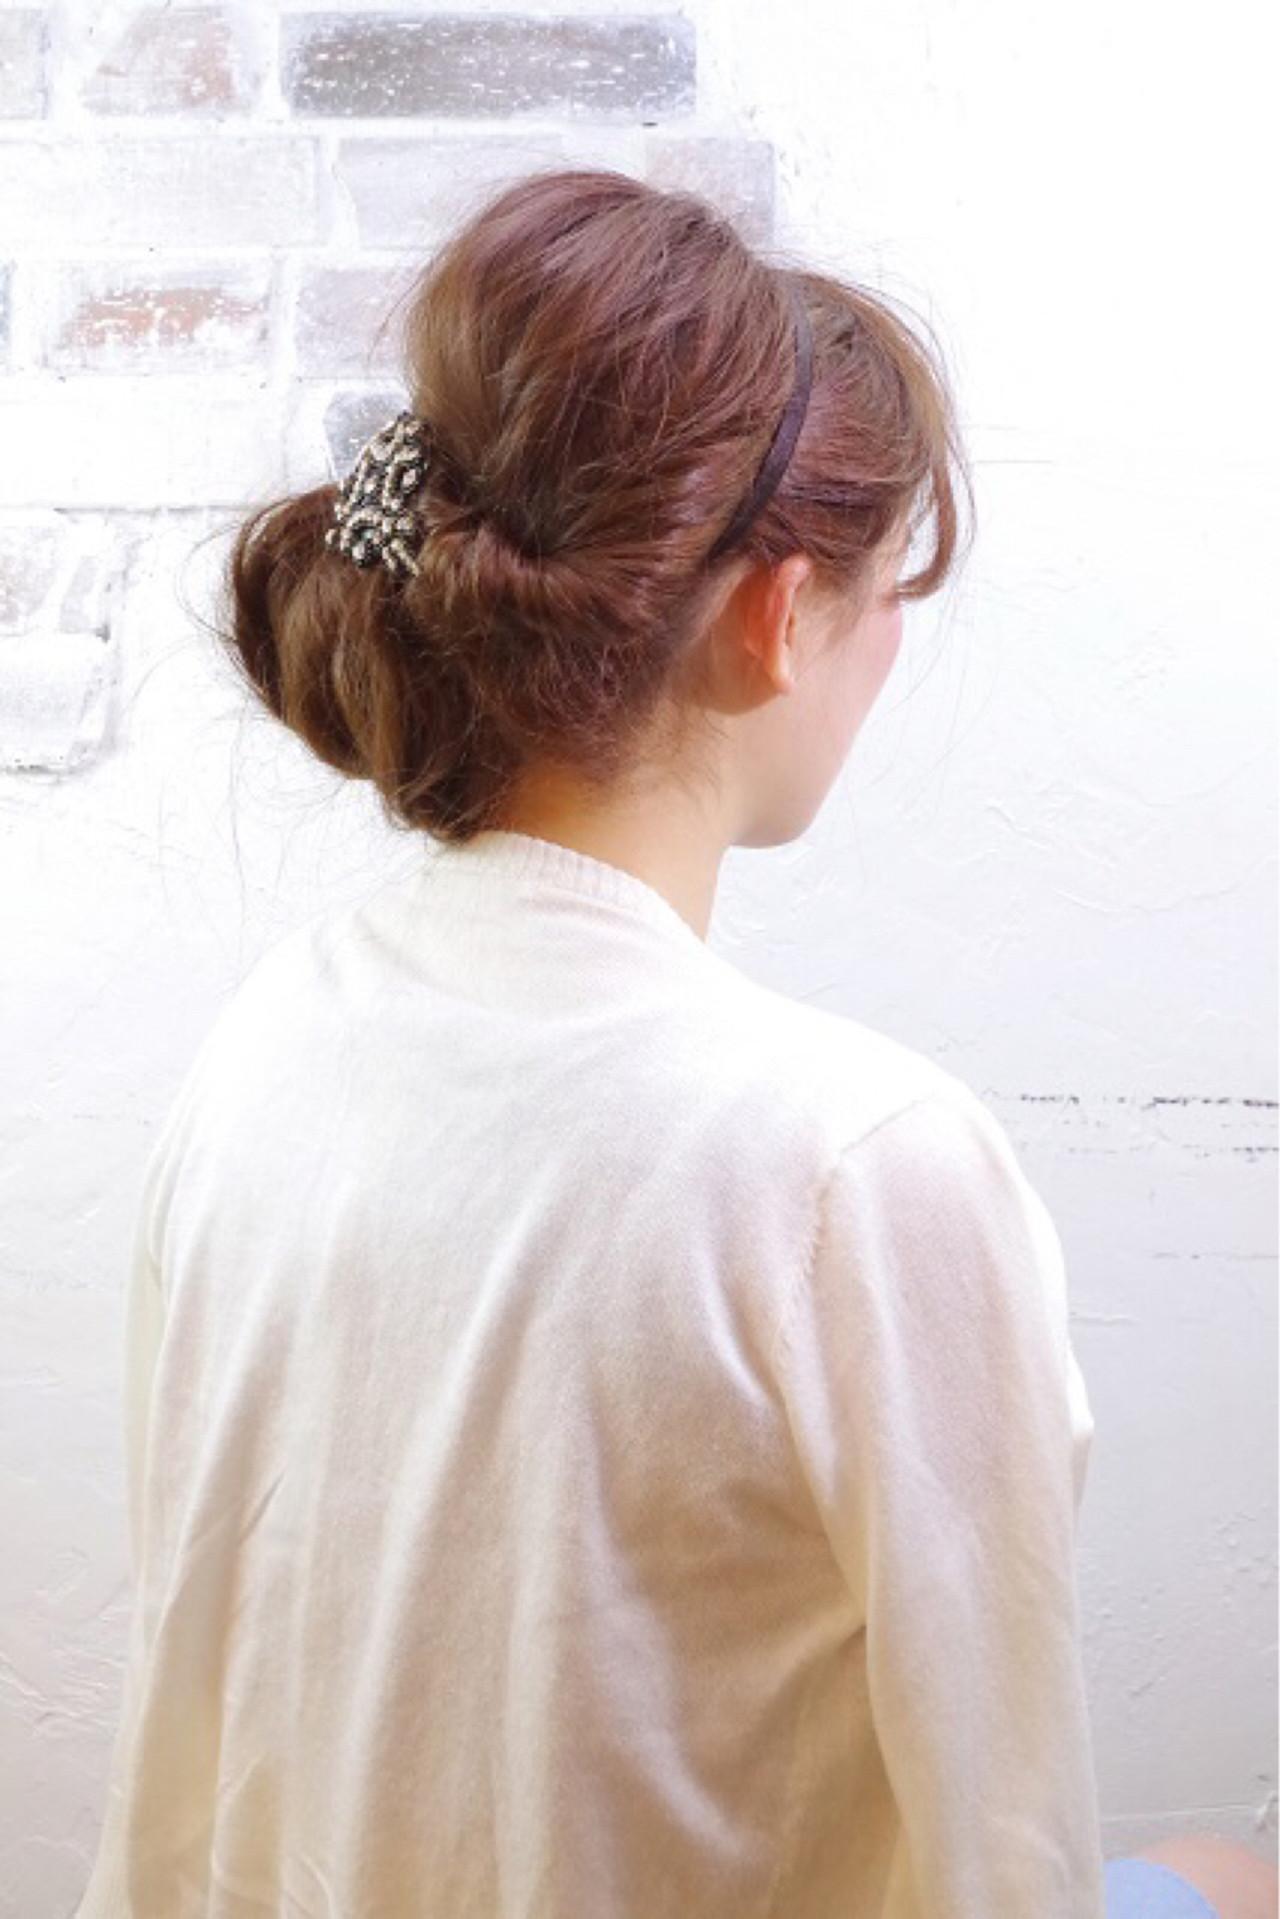 ロング 結婚式 パーティ 簡単ヘアアレンジ ヘアスタイルや髪型の写真・画像 | Nao Kokubun blast / blast